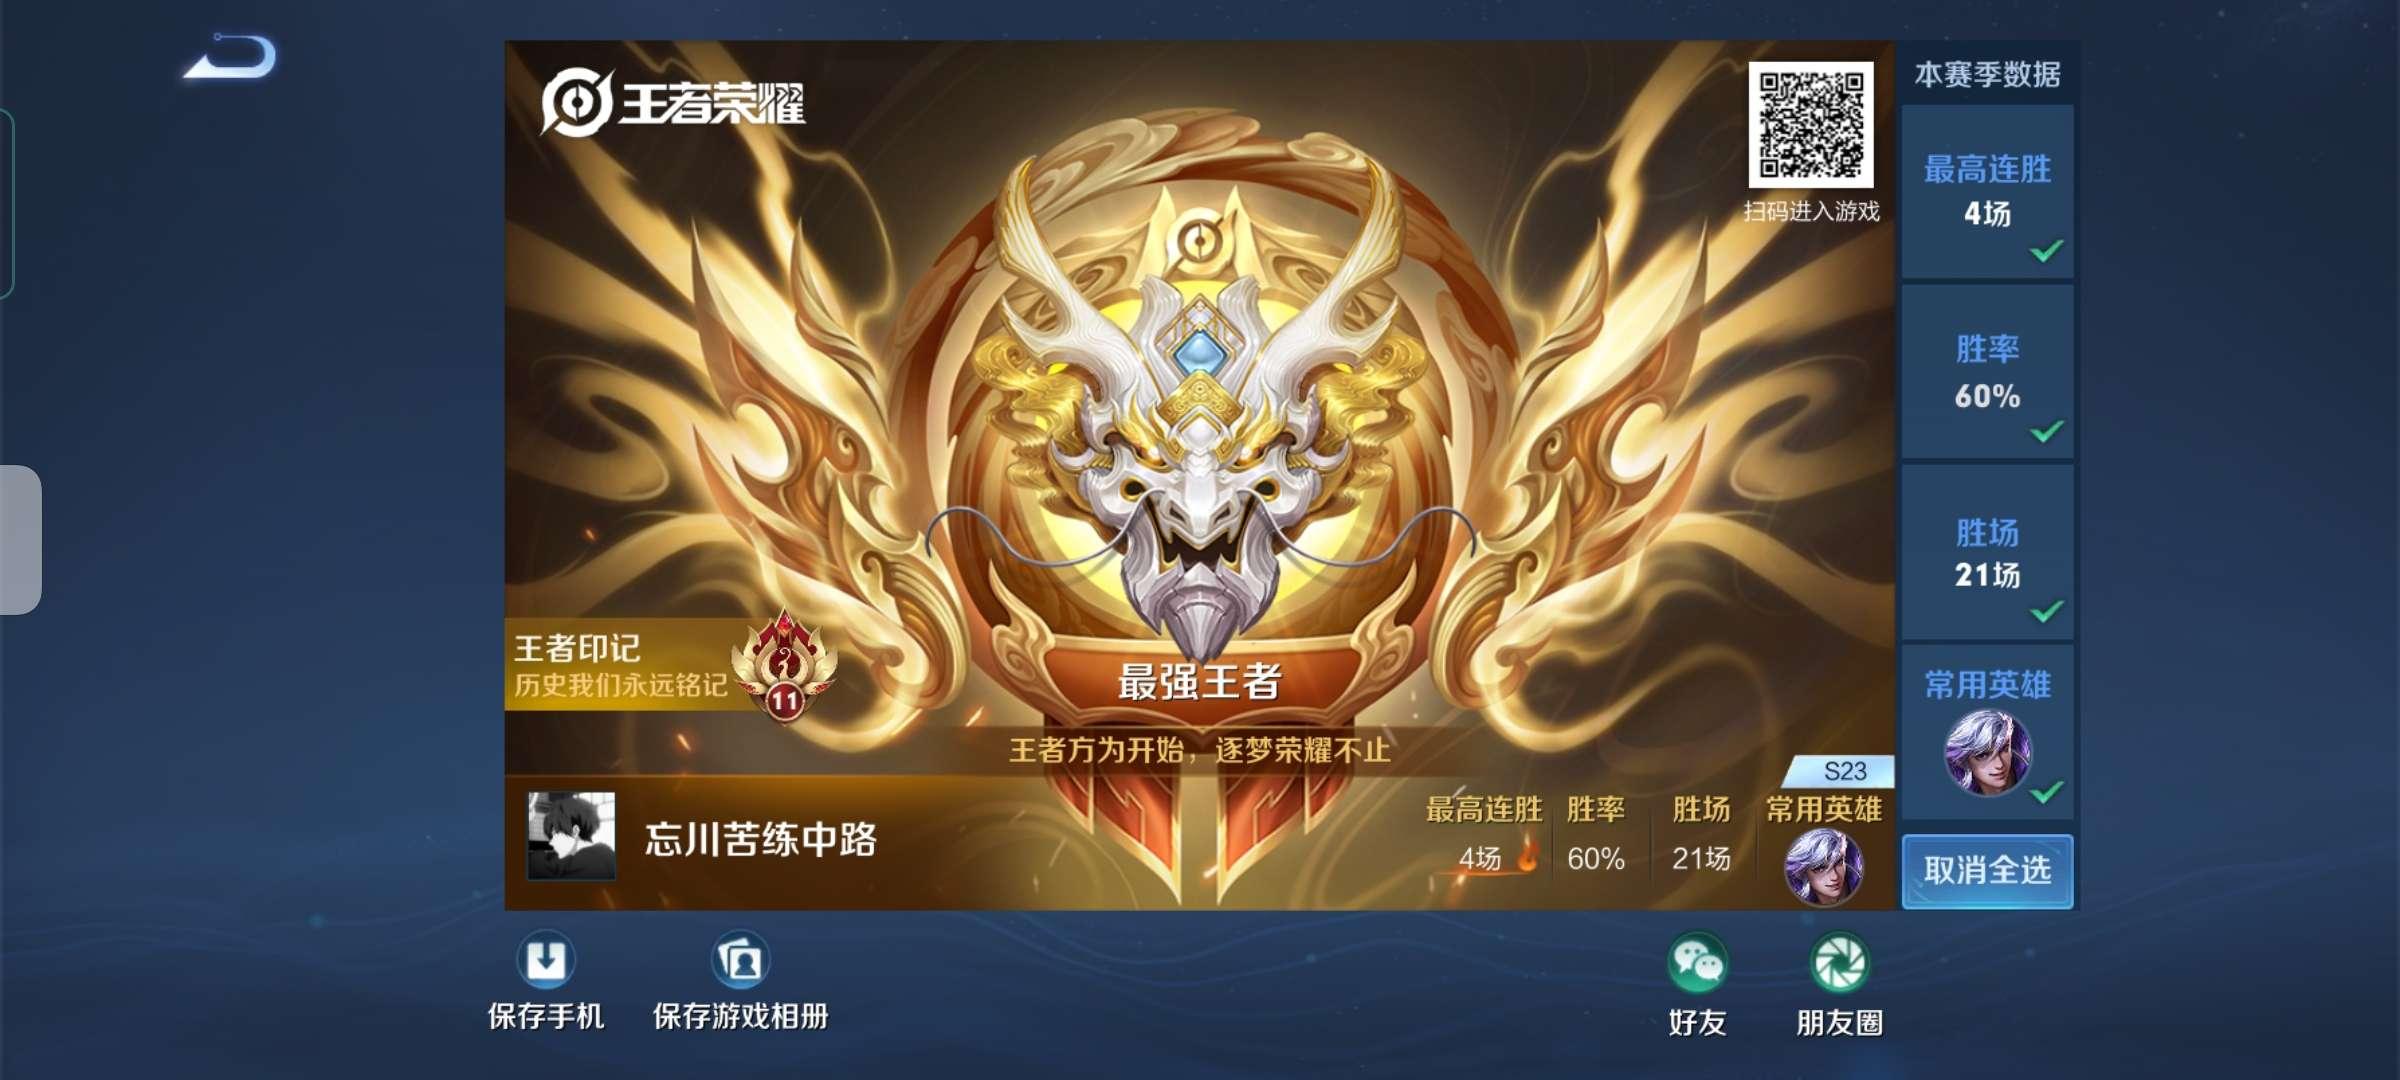 Zhihan